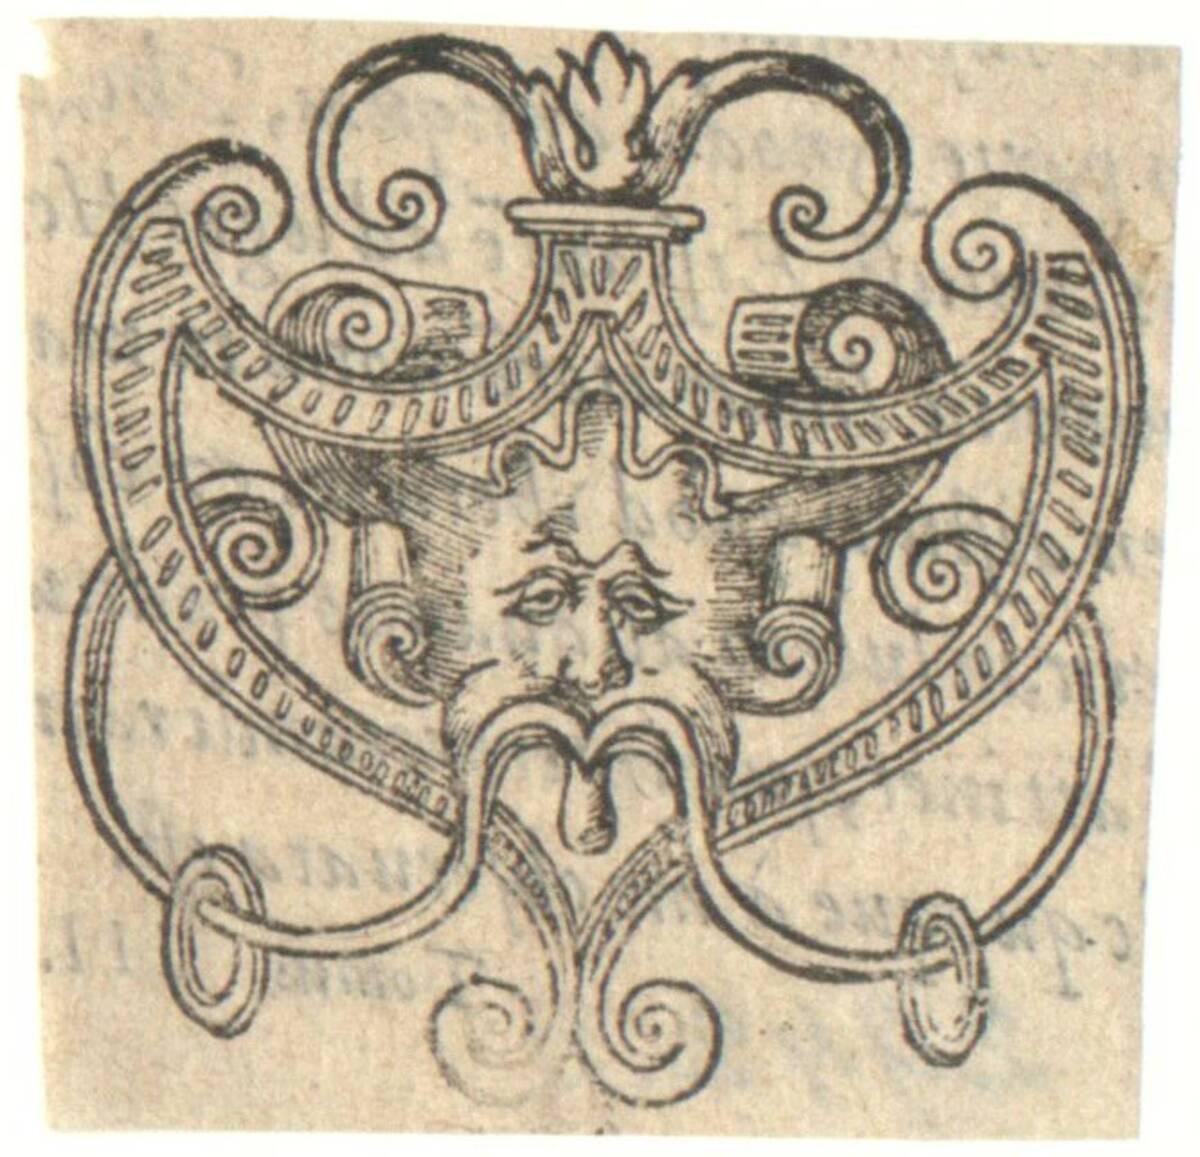 Vignette aus: Horaz, Petrus de la Roviere, Orleans 1605 (vom Bearbeiter vergebener Titel) von Anonym